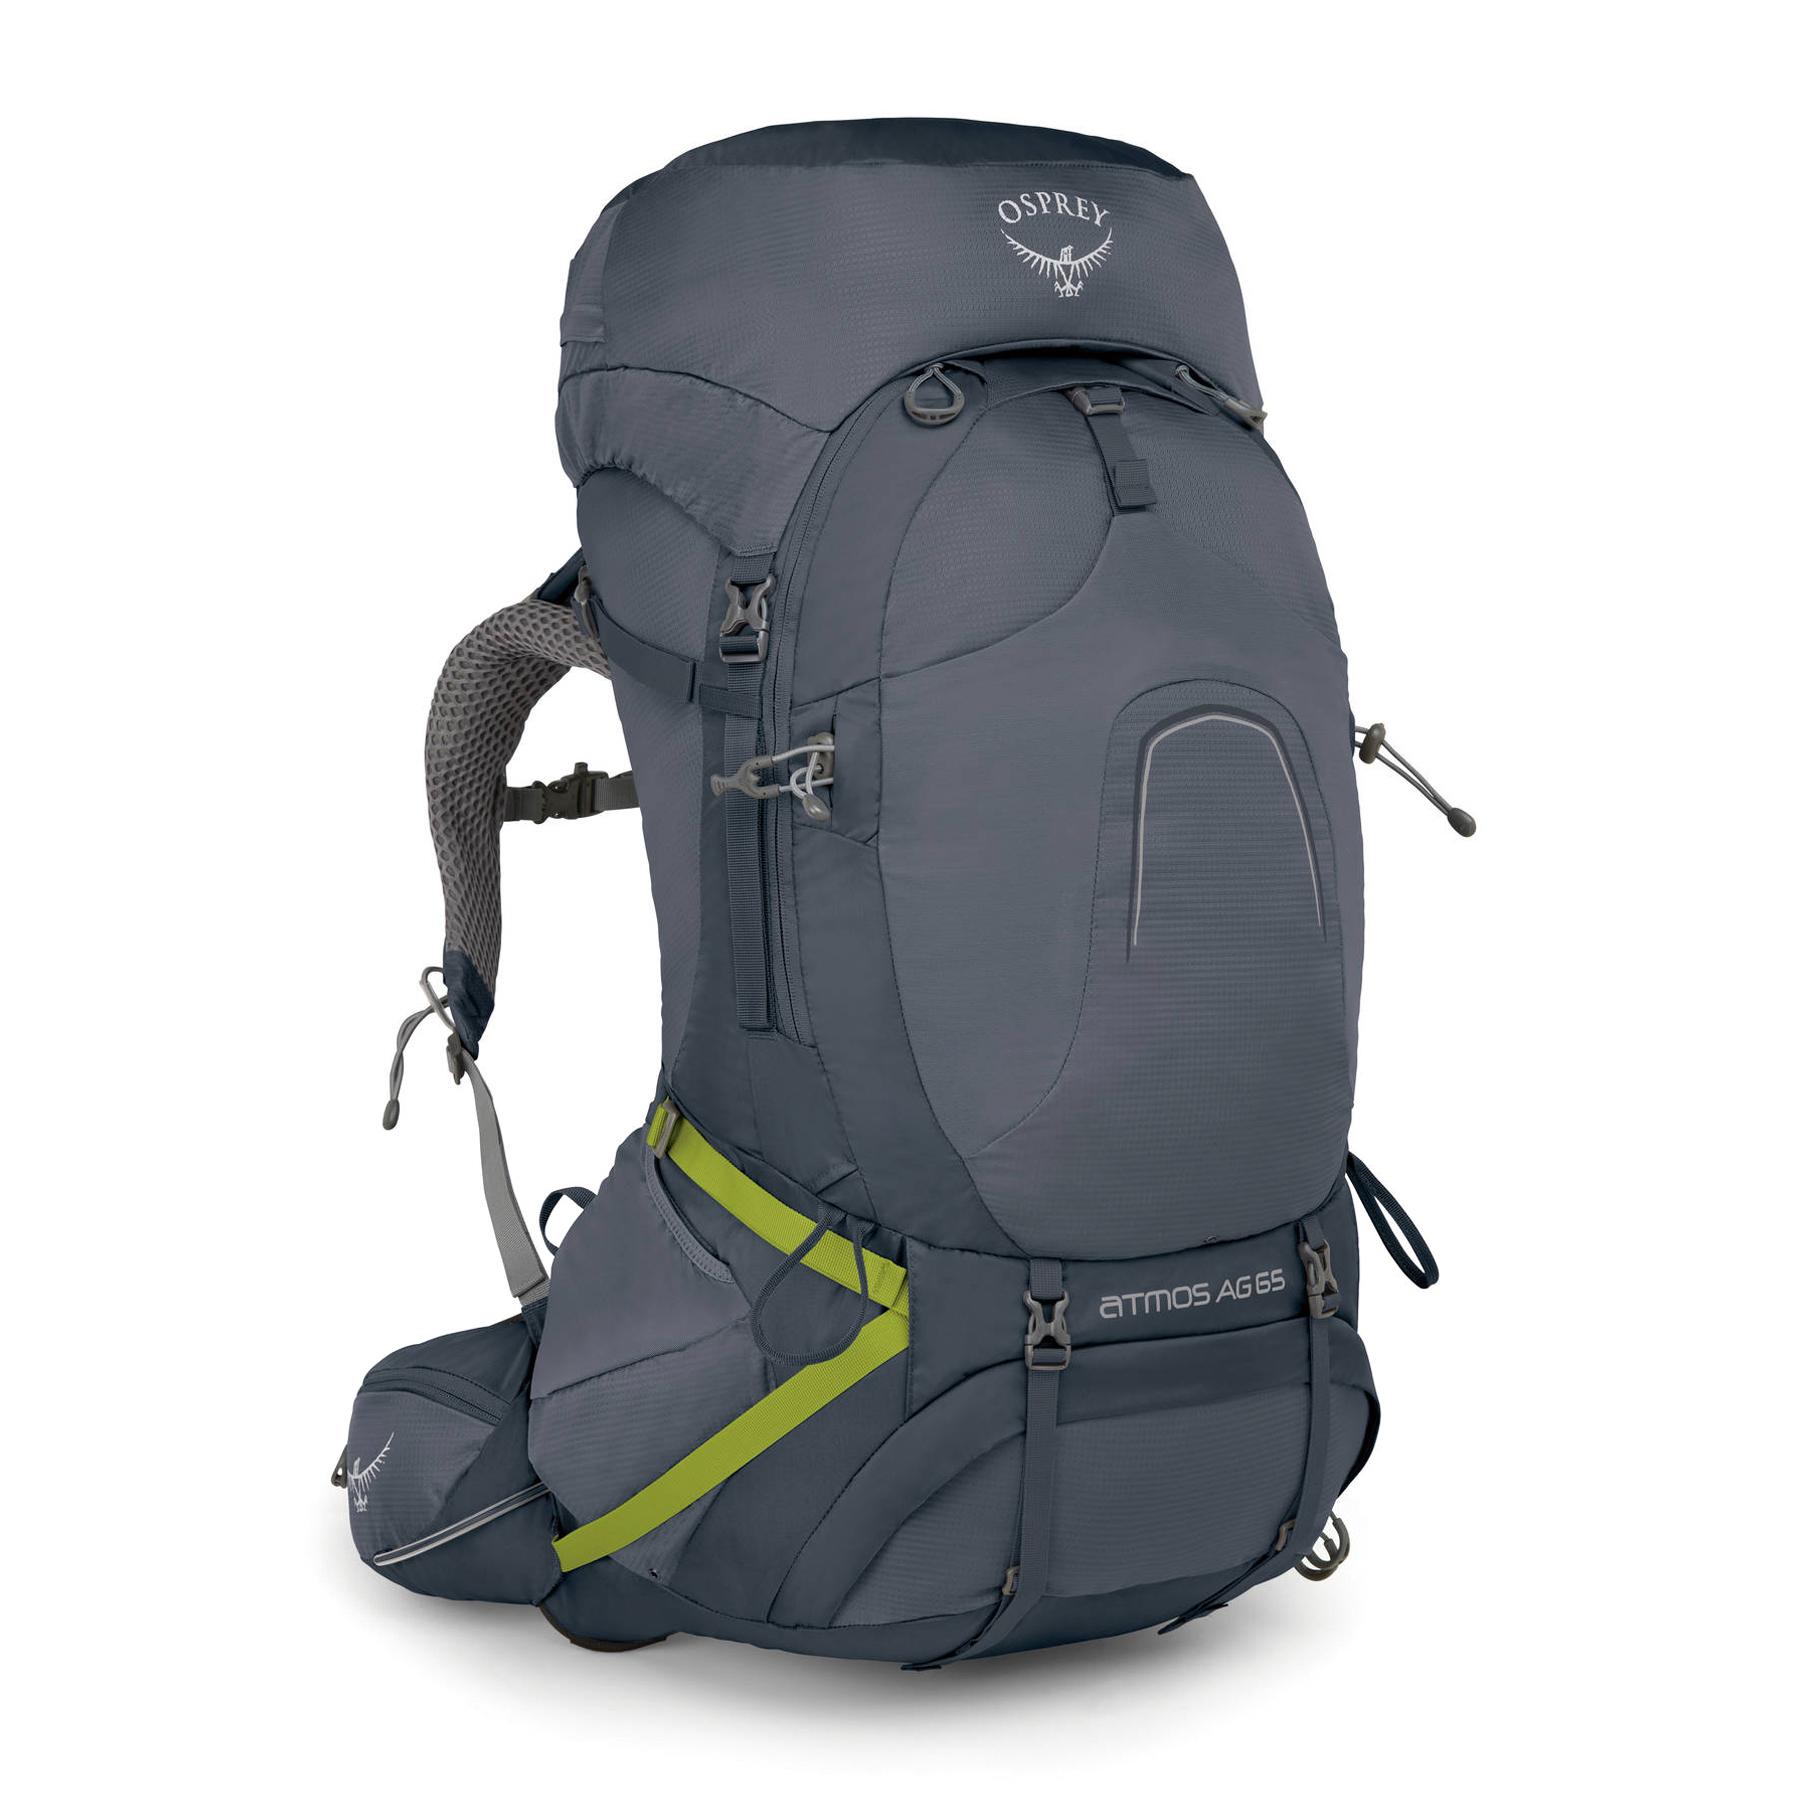 Sac de randonnée trek Osprey Atmos AG65 - Taille M